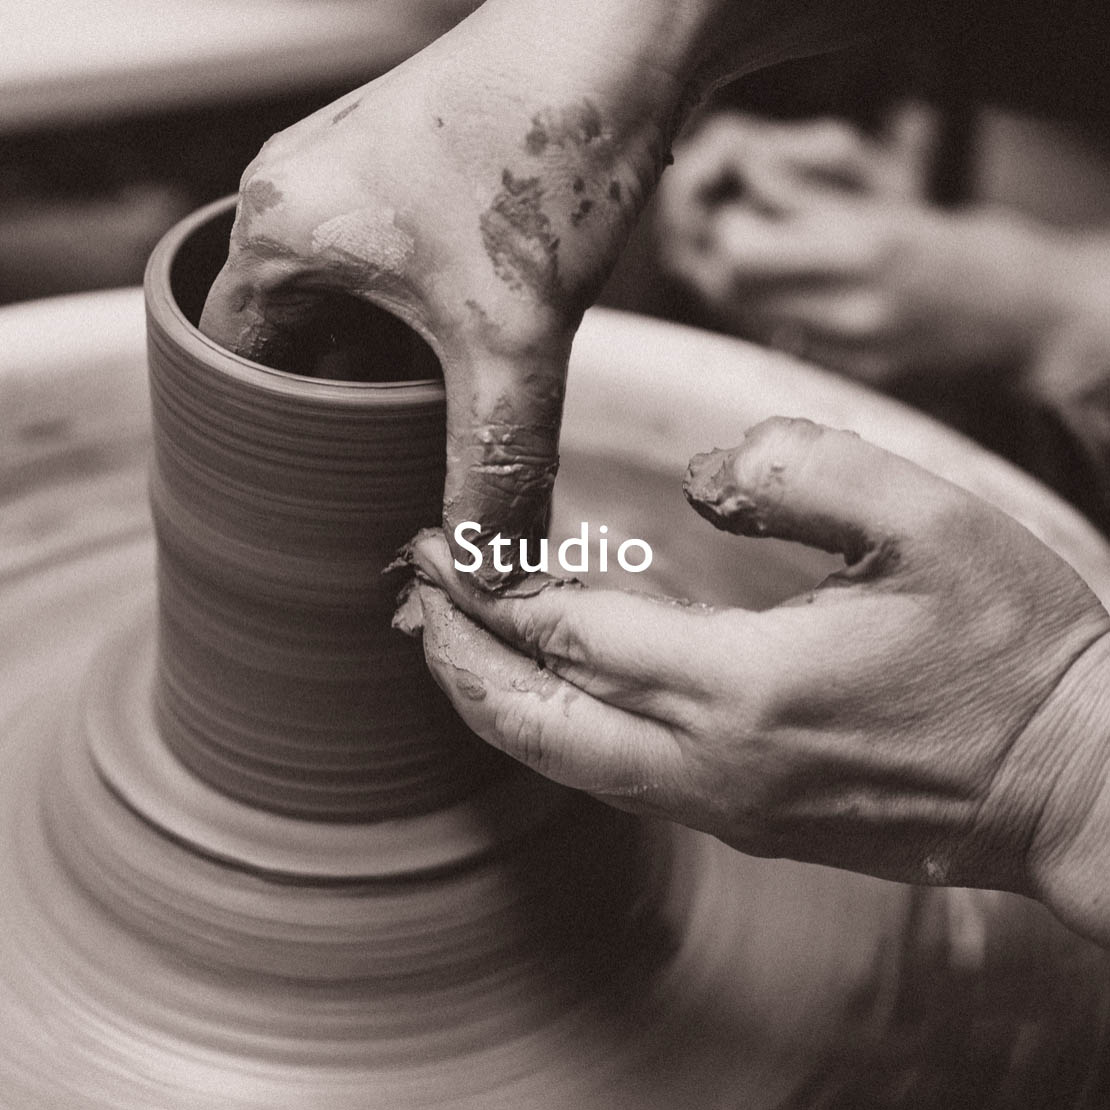 studio_link.jpg